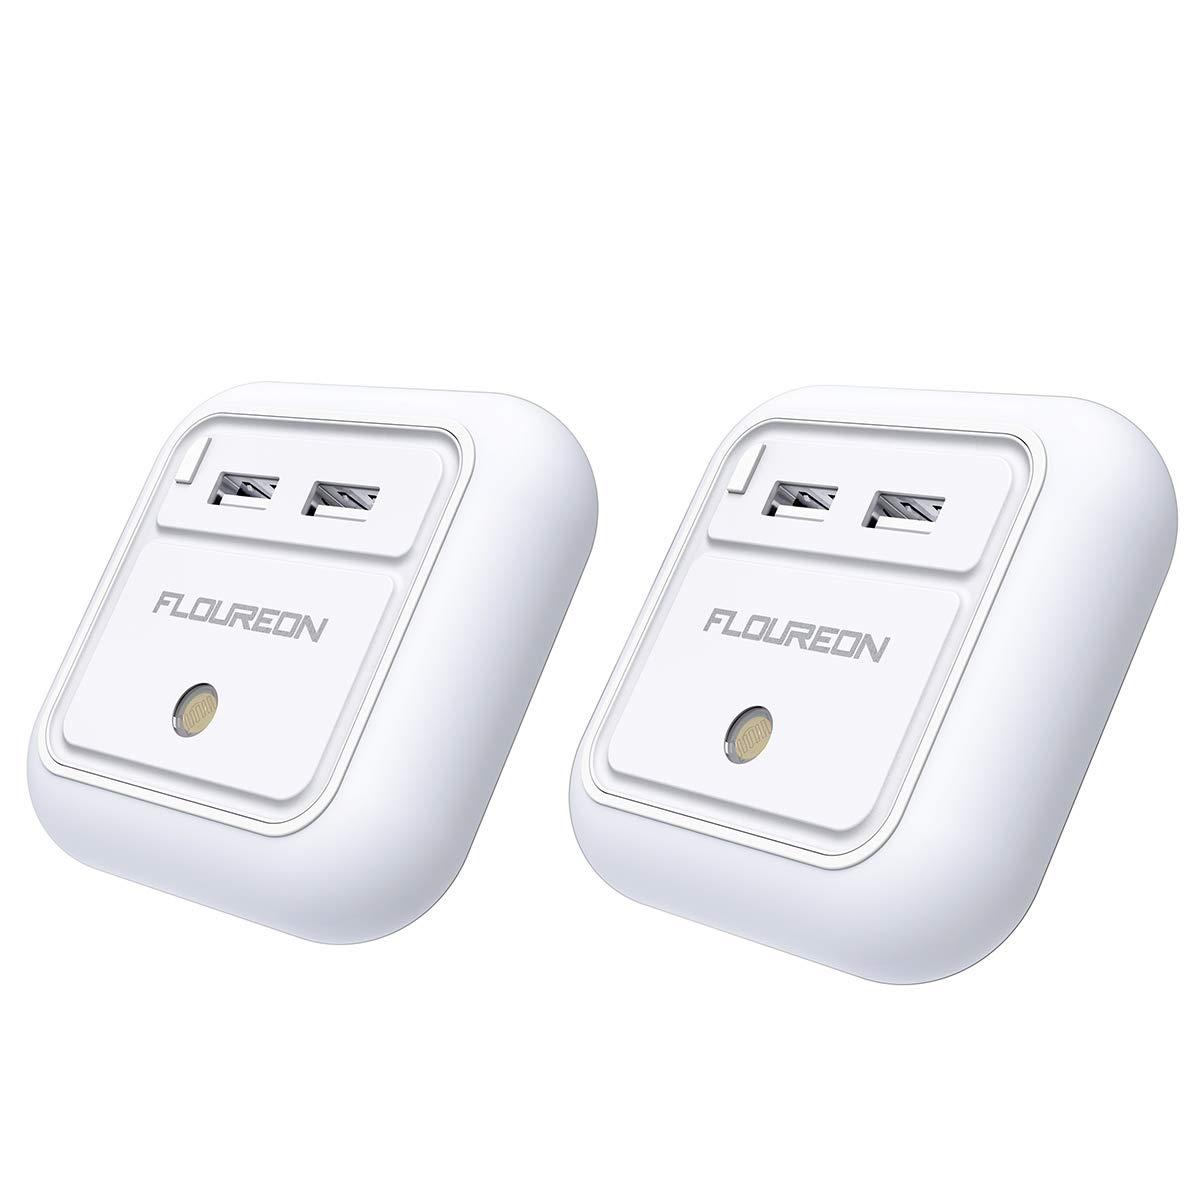 FLOUREON 2X LED Nachtlicht Steckdose mit Dä mmerungssensor Nachtlicht mit dual USB steckdosenlicht steckdosenlampe Wandladegerä t fü r Schlafzimmer Badezimmer Studie Bü ro Warmweiß